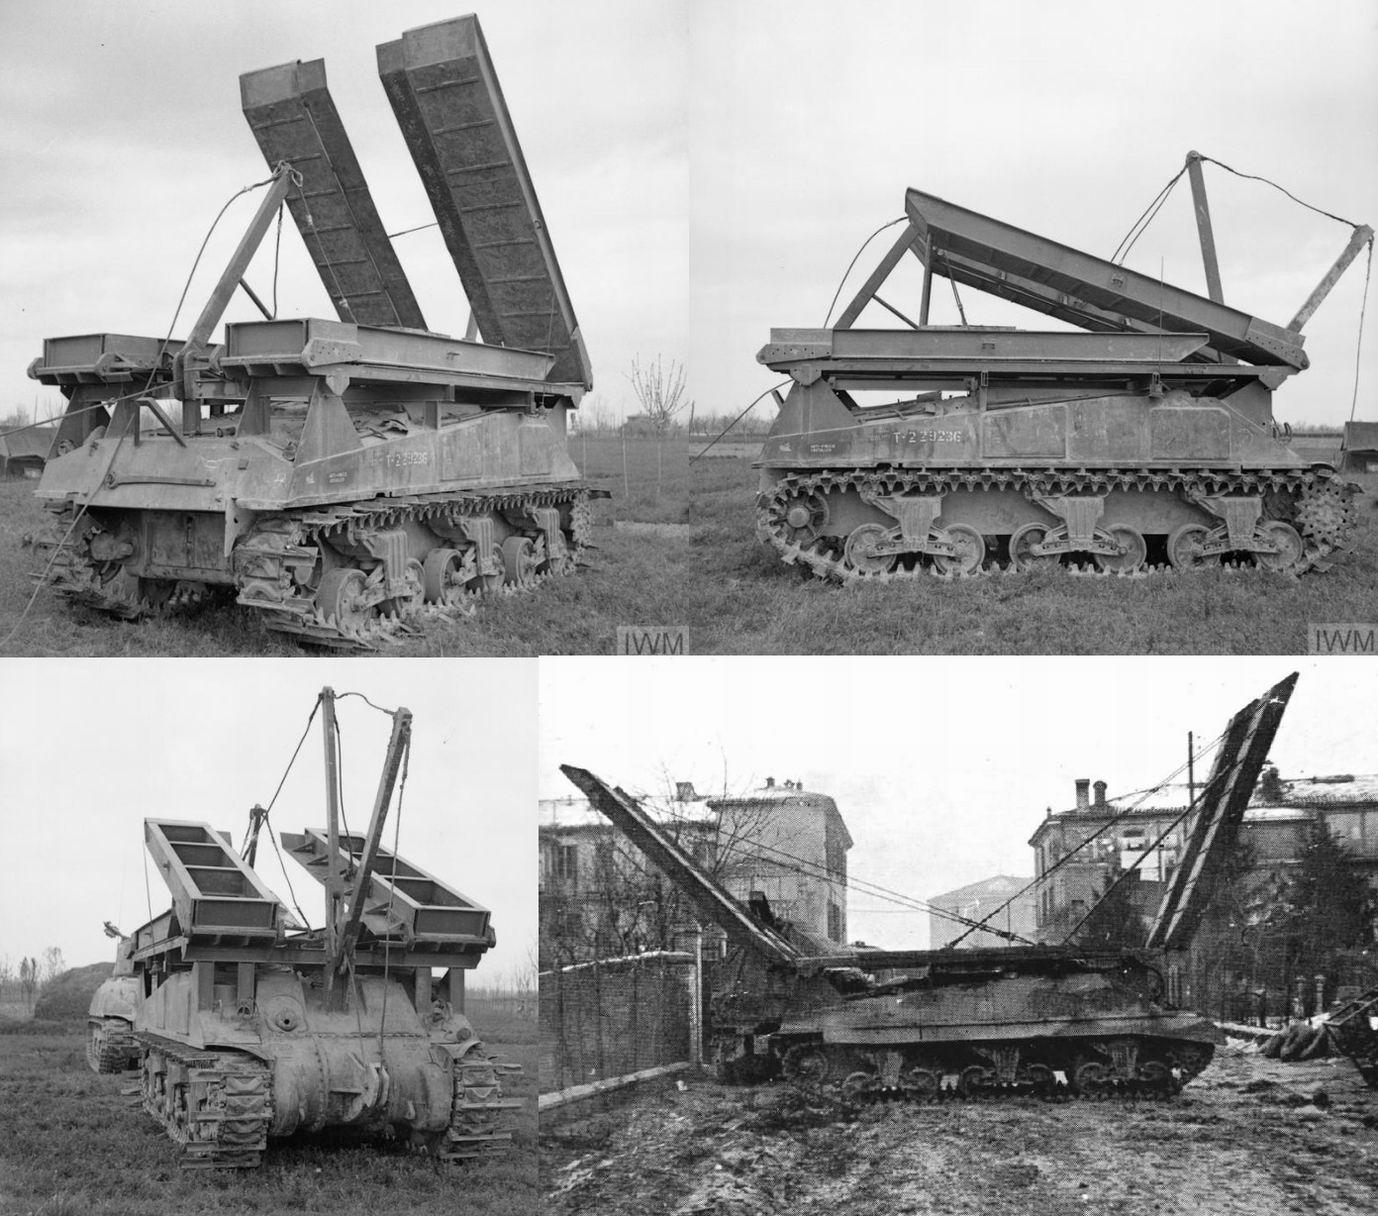 """""""Шерман Тваби"""", Италия, апрель 1944г. Справа внизу - мостовой танк 28го штурмового эскадрона 2й Новозеландской дивизии. Позже Инголл """"проедется"""" по новозеландцам в своих мемуарах, но возможно именно этим танком он воспользовался при форсировании Сенио."""